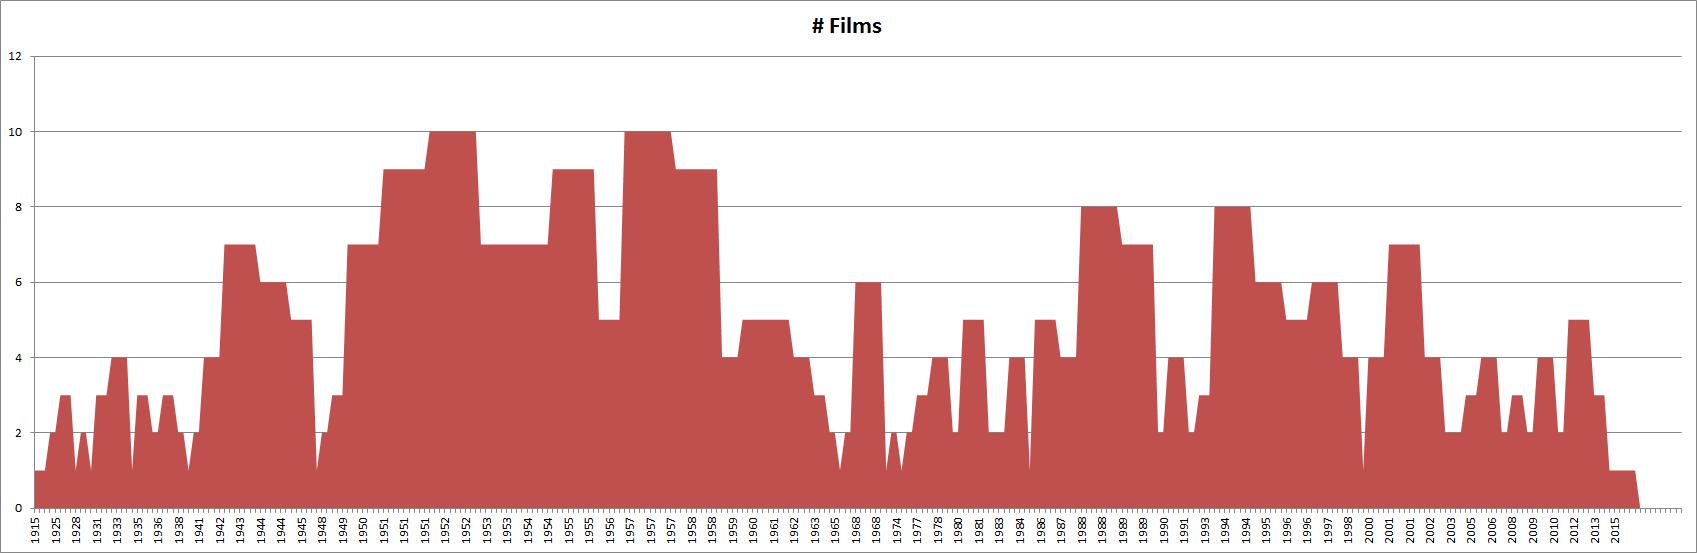 FilmsByYear